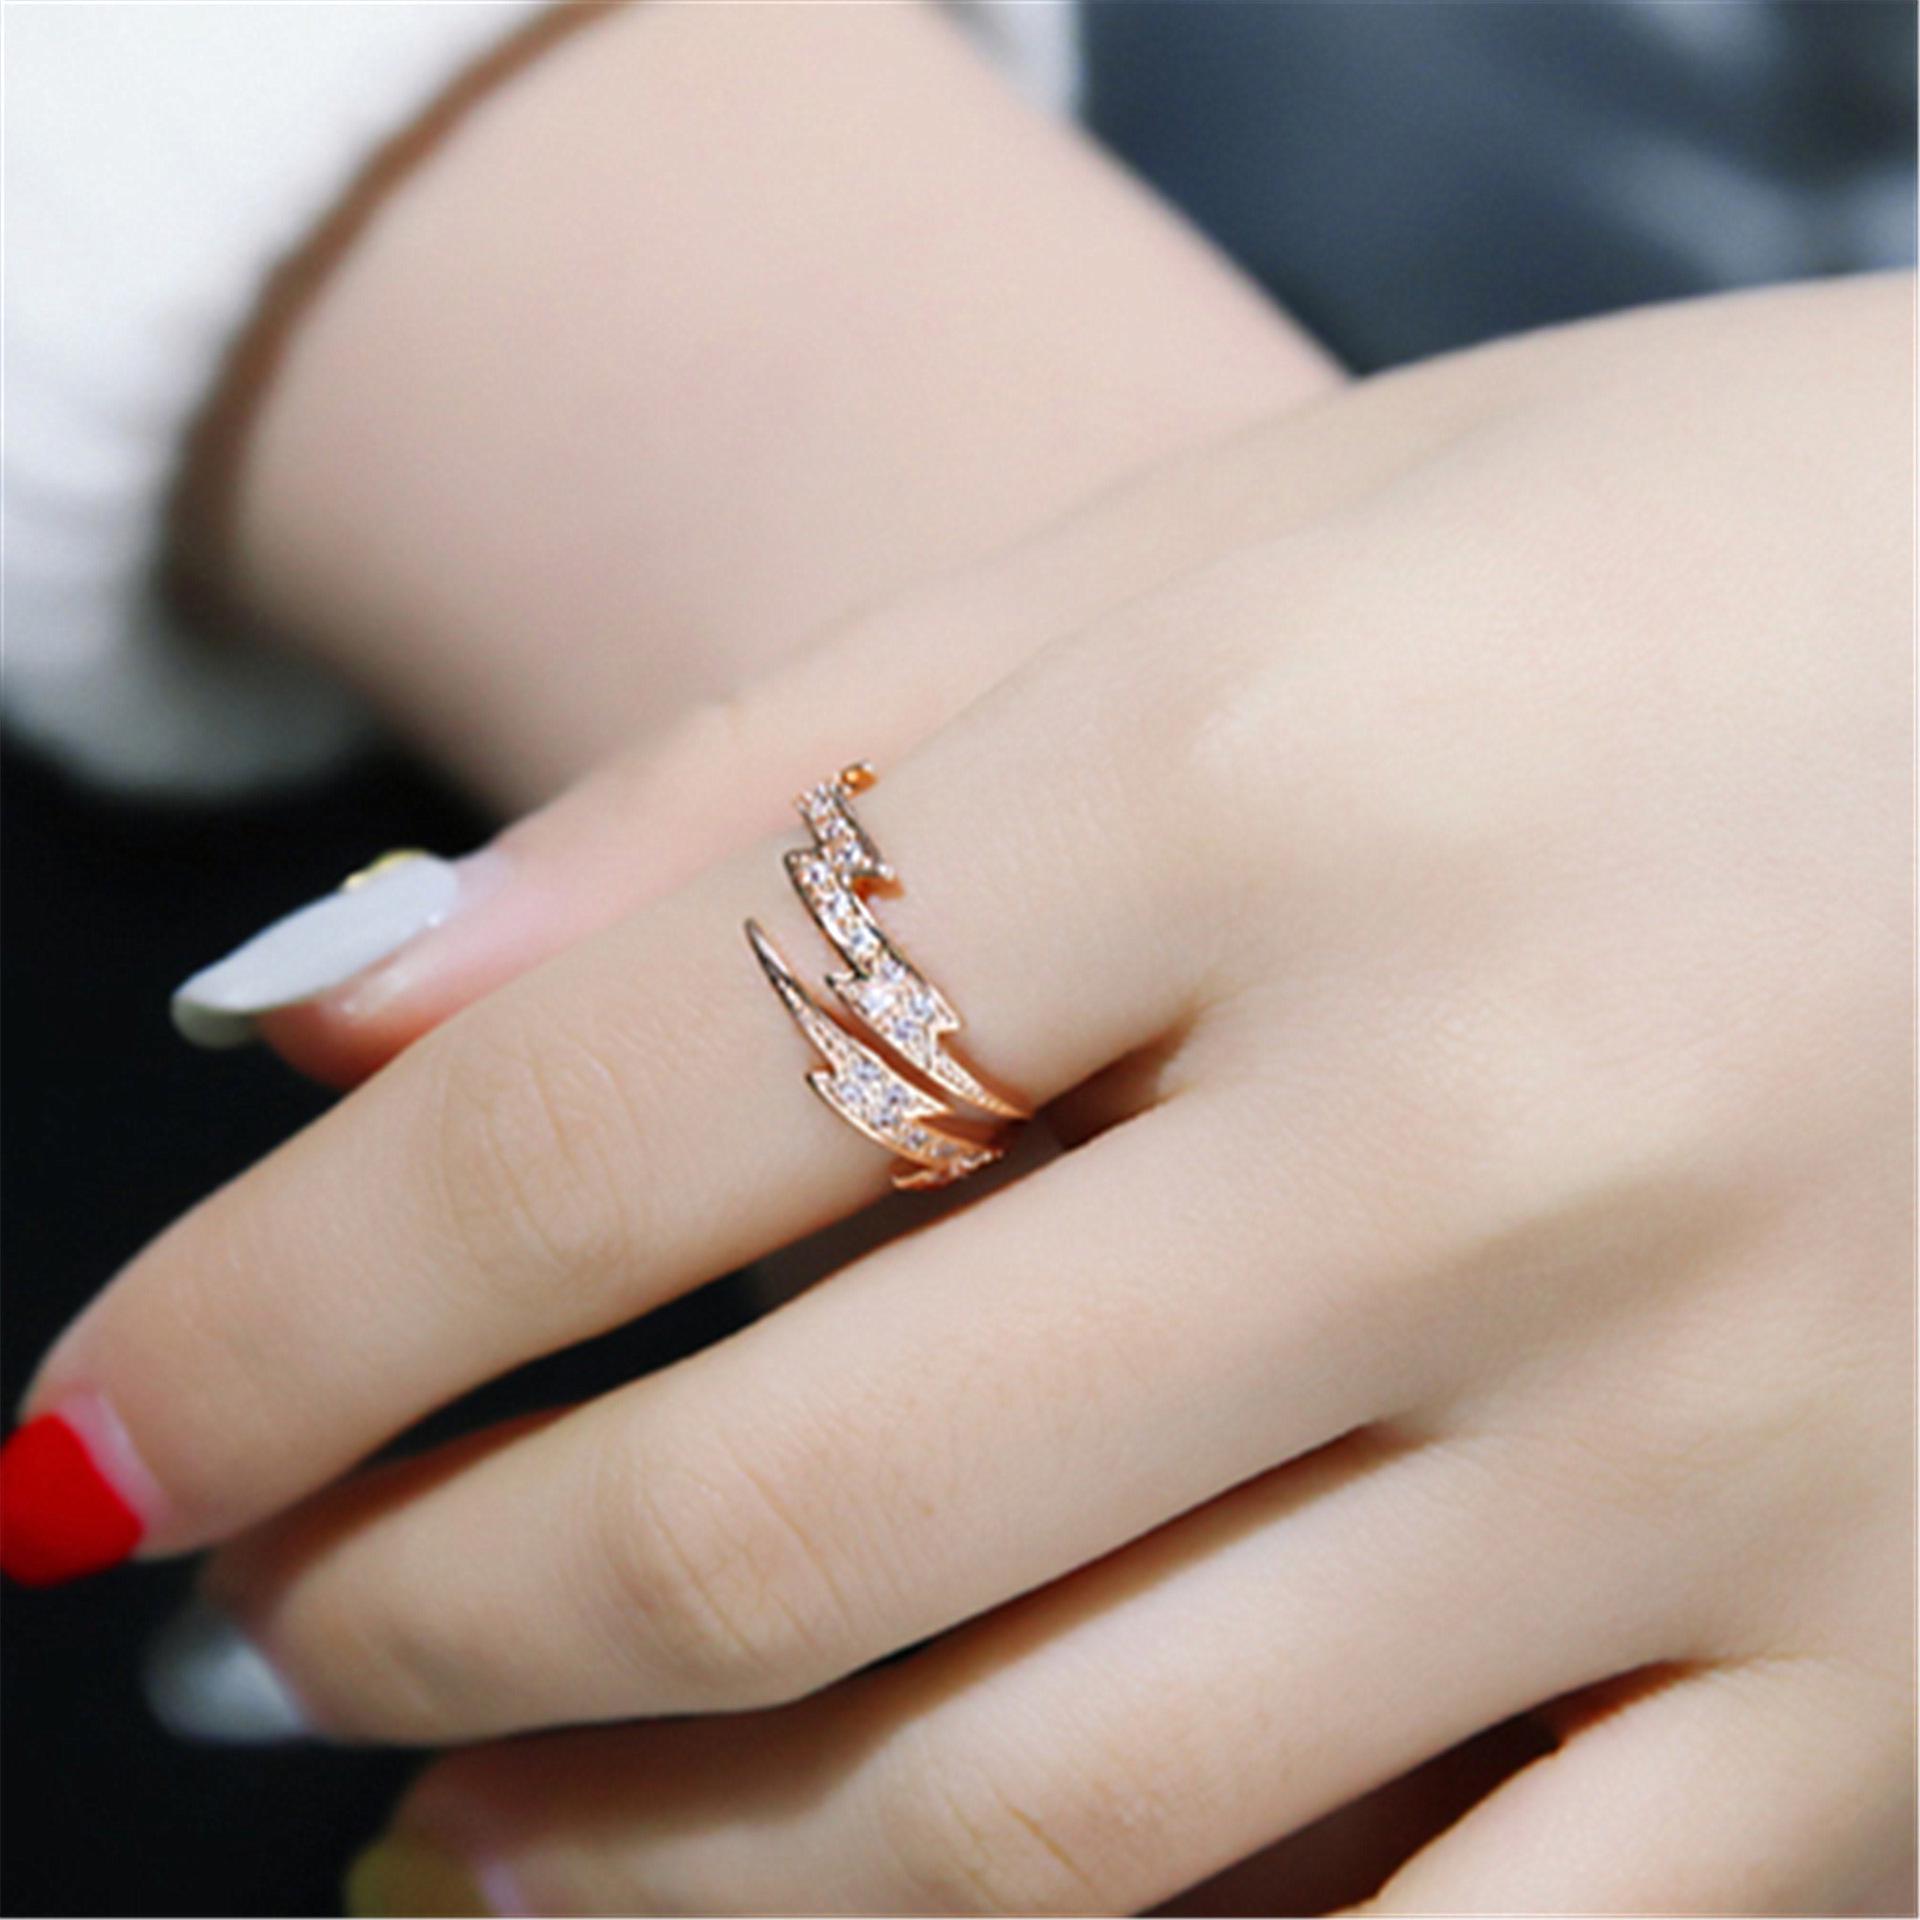 Оригинальное обручальное кольцо с регулируемым размером фото